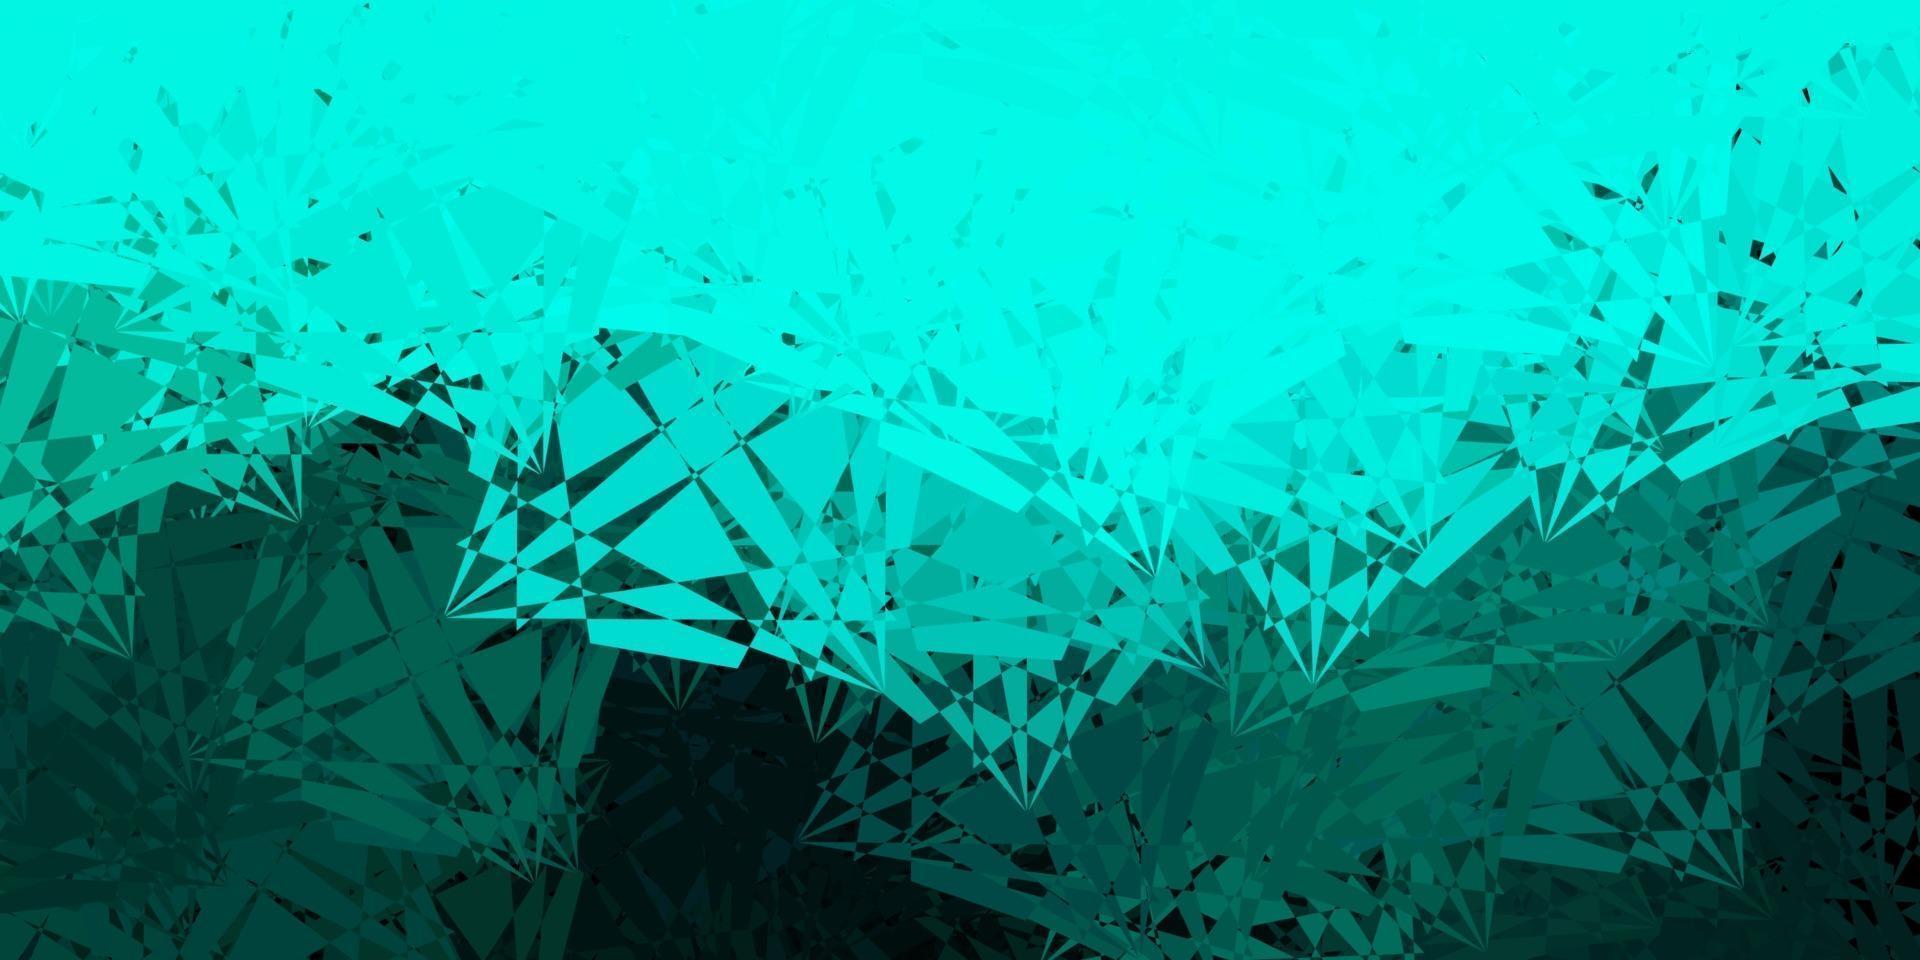 mörkblå, grön vektorbakgrund med månghörniga former. vektor